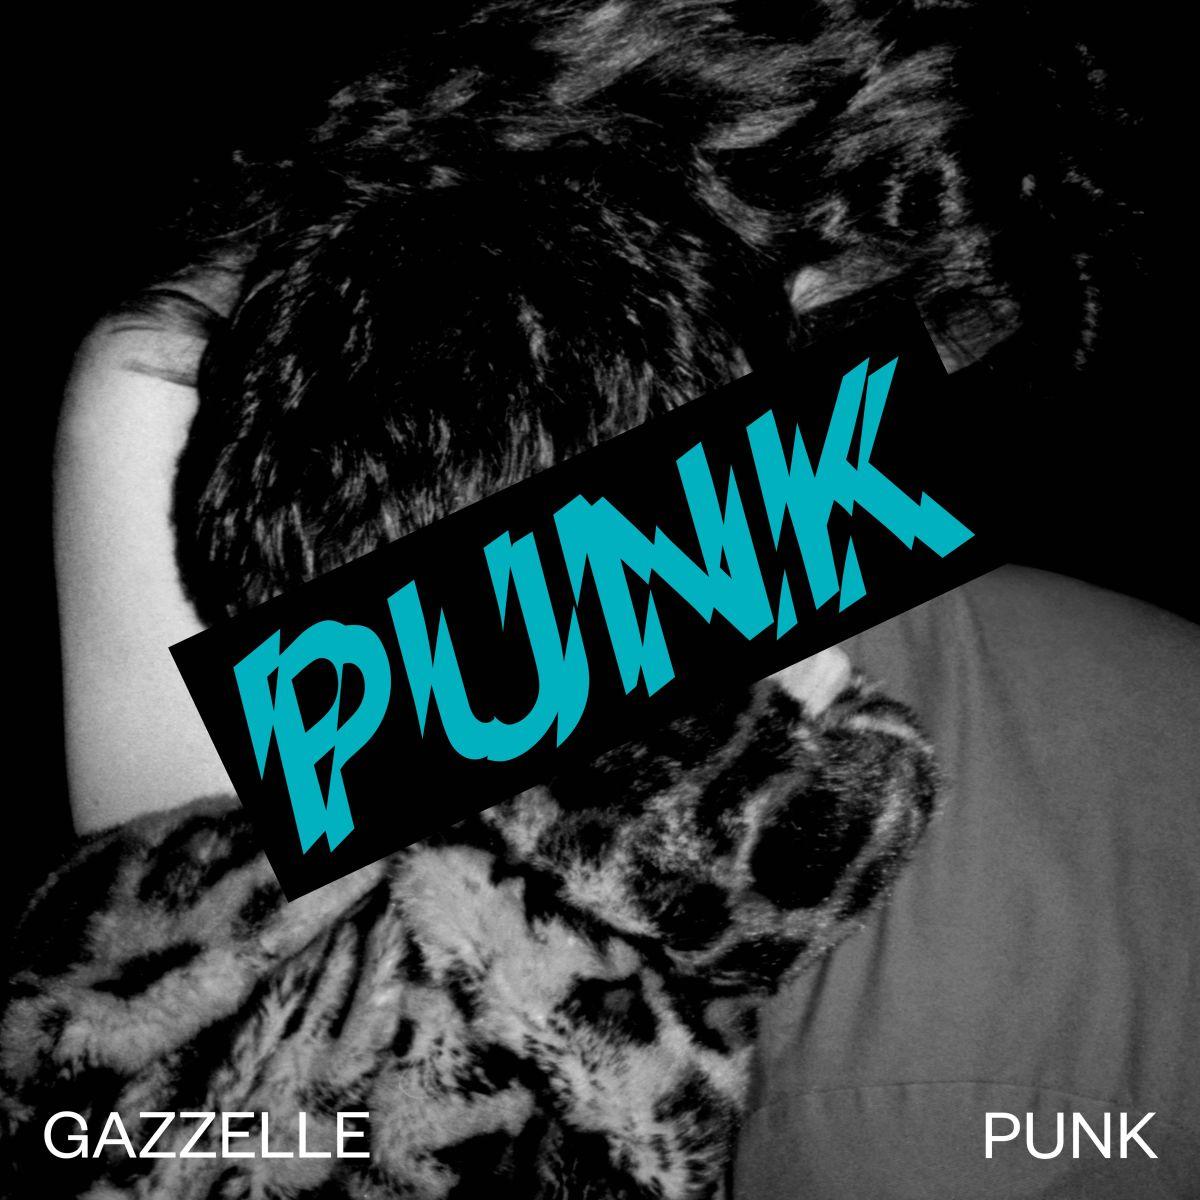 Gazzelle - Punk (Maciste Dischi/Artist First, 2018)